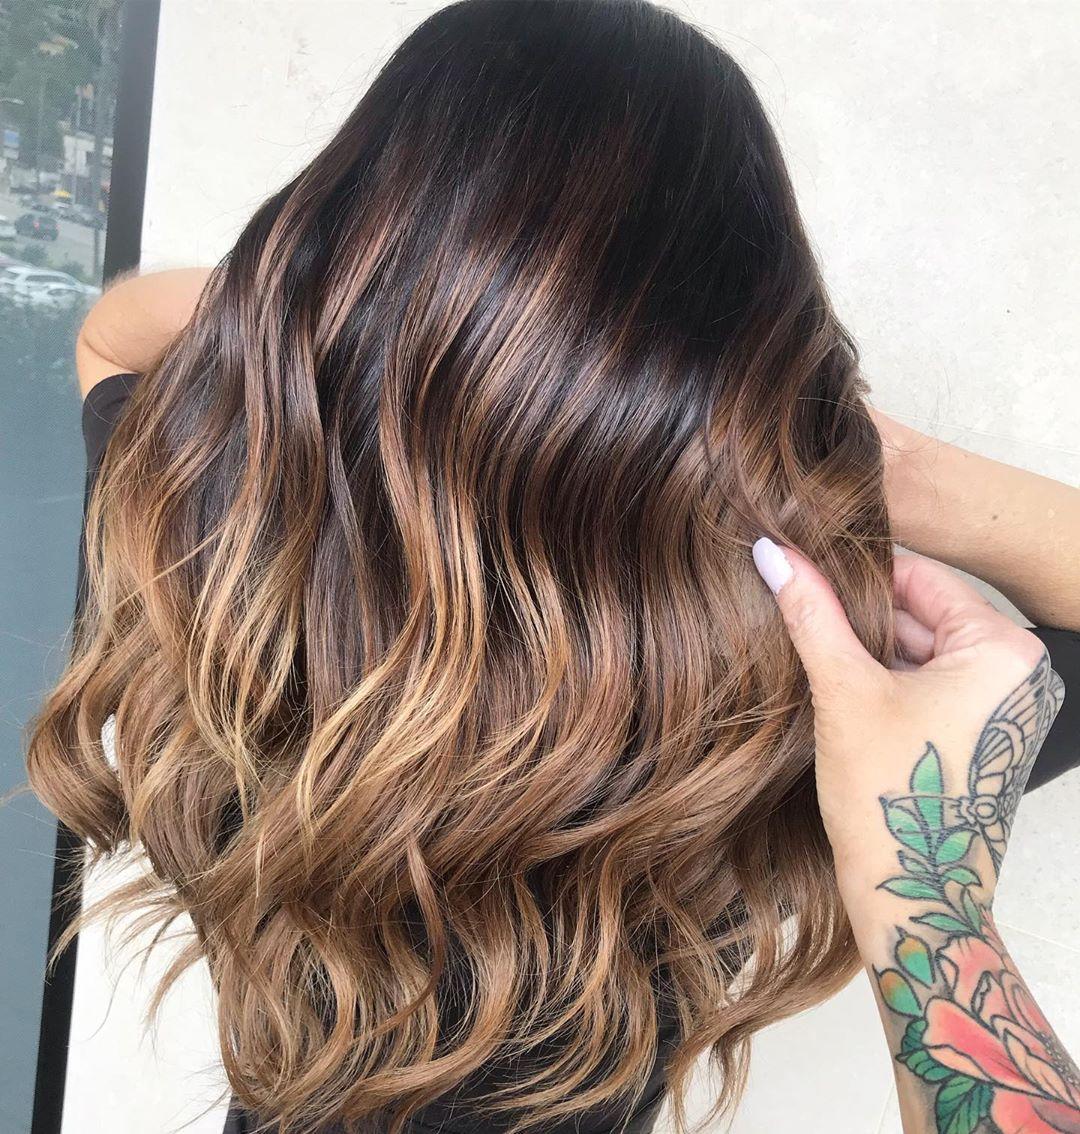 Hair We Love May 6th - 12th 2019